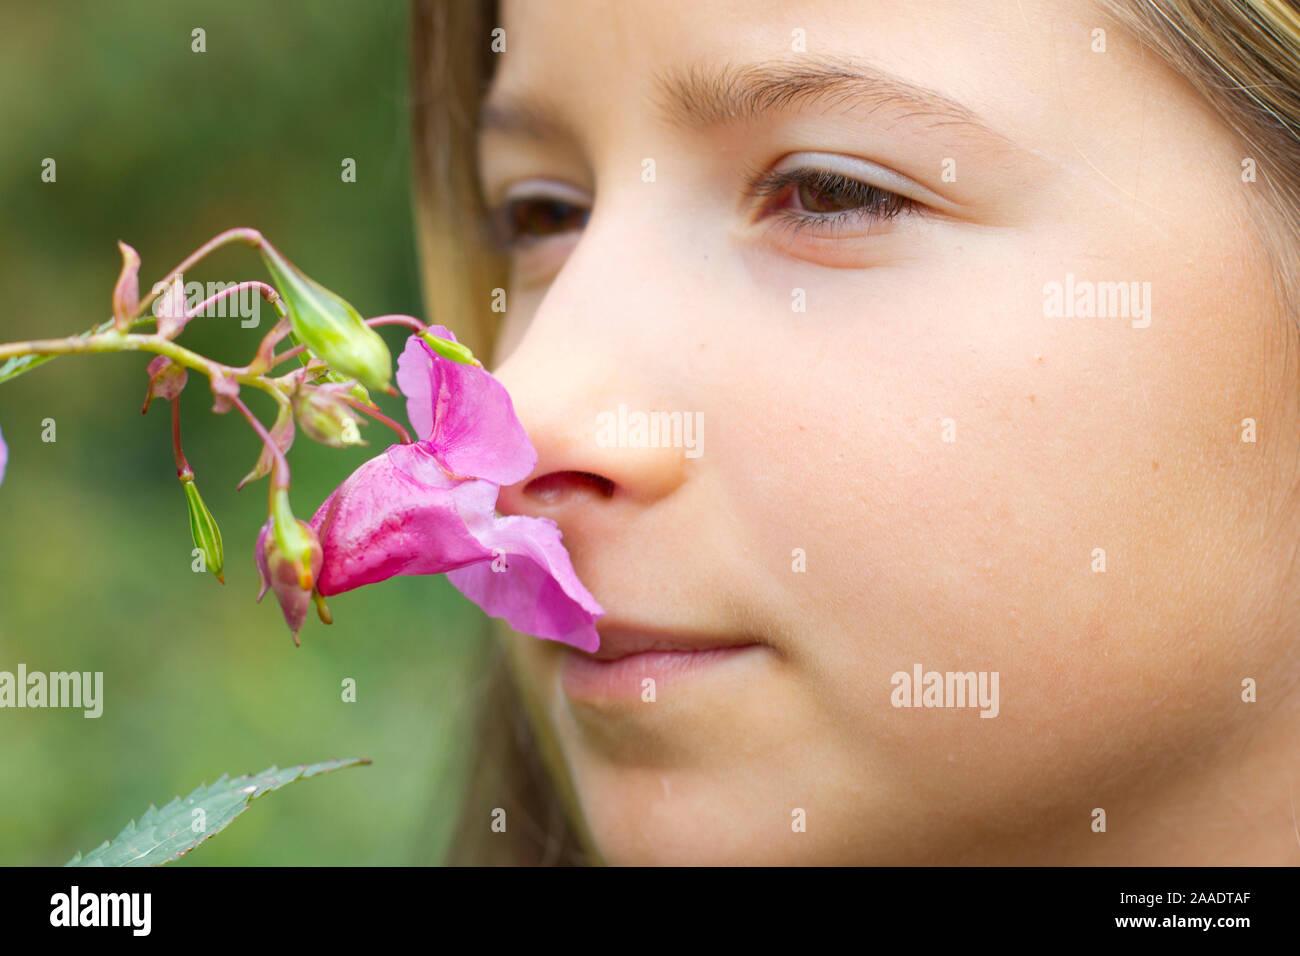 Impatiens glandulifera, Drüsiges,Springkraut Société Indisches take away,Springkraut Himalaya-Balsamine Bauernorchidee,,Familie der Balsaminengewächse (Balsaminaceae) Banque D'Images